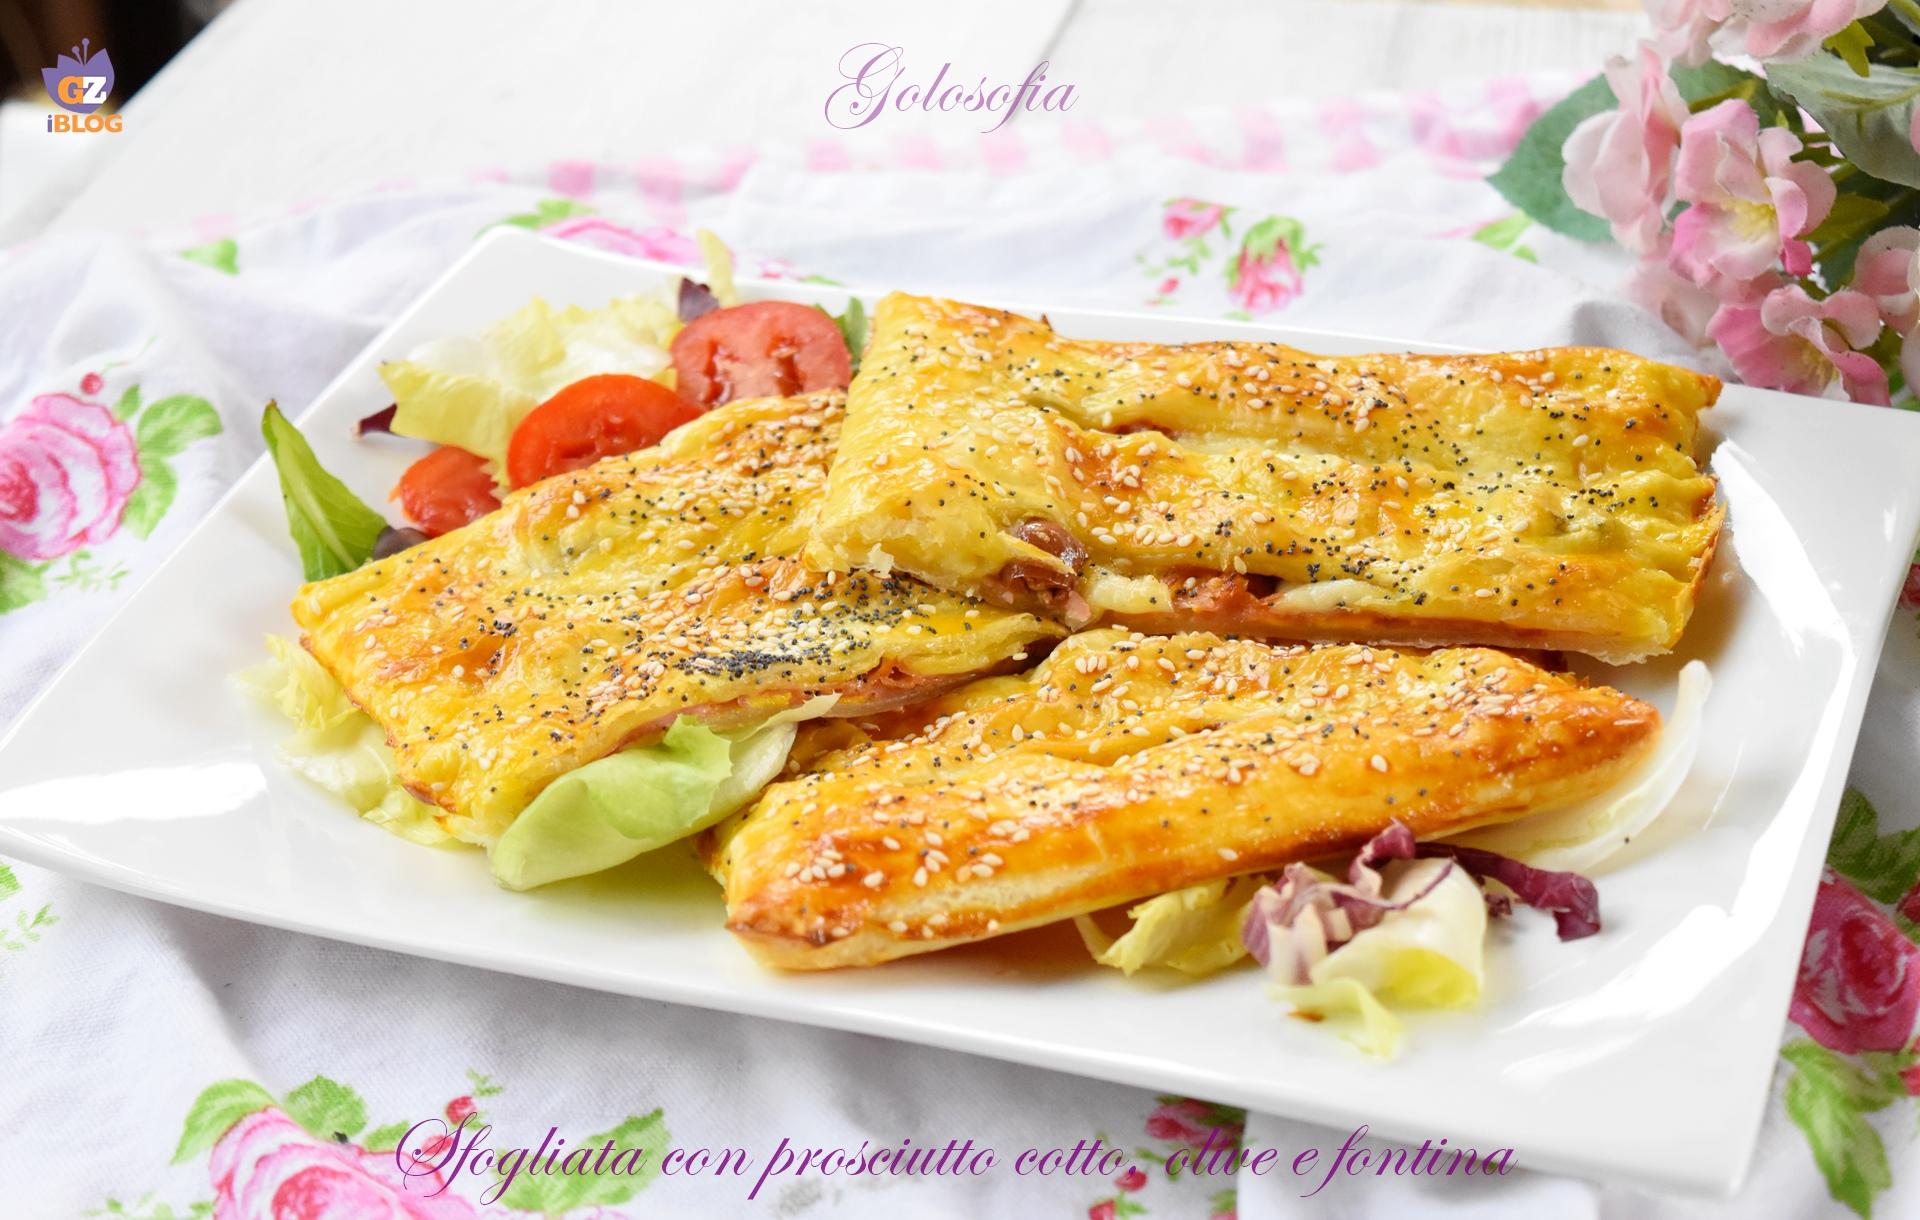 Sfogliata con prosciutto cotto, olive e fontina-ricetta antipasti-golosofia